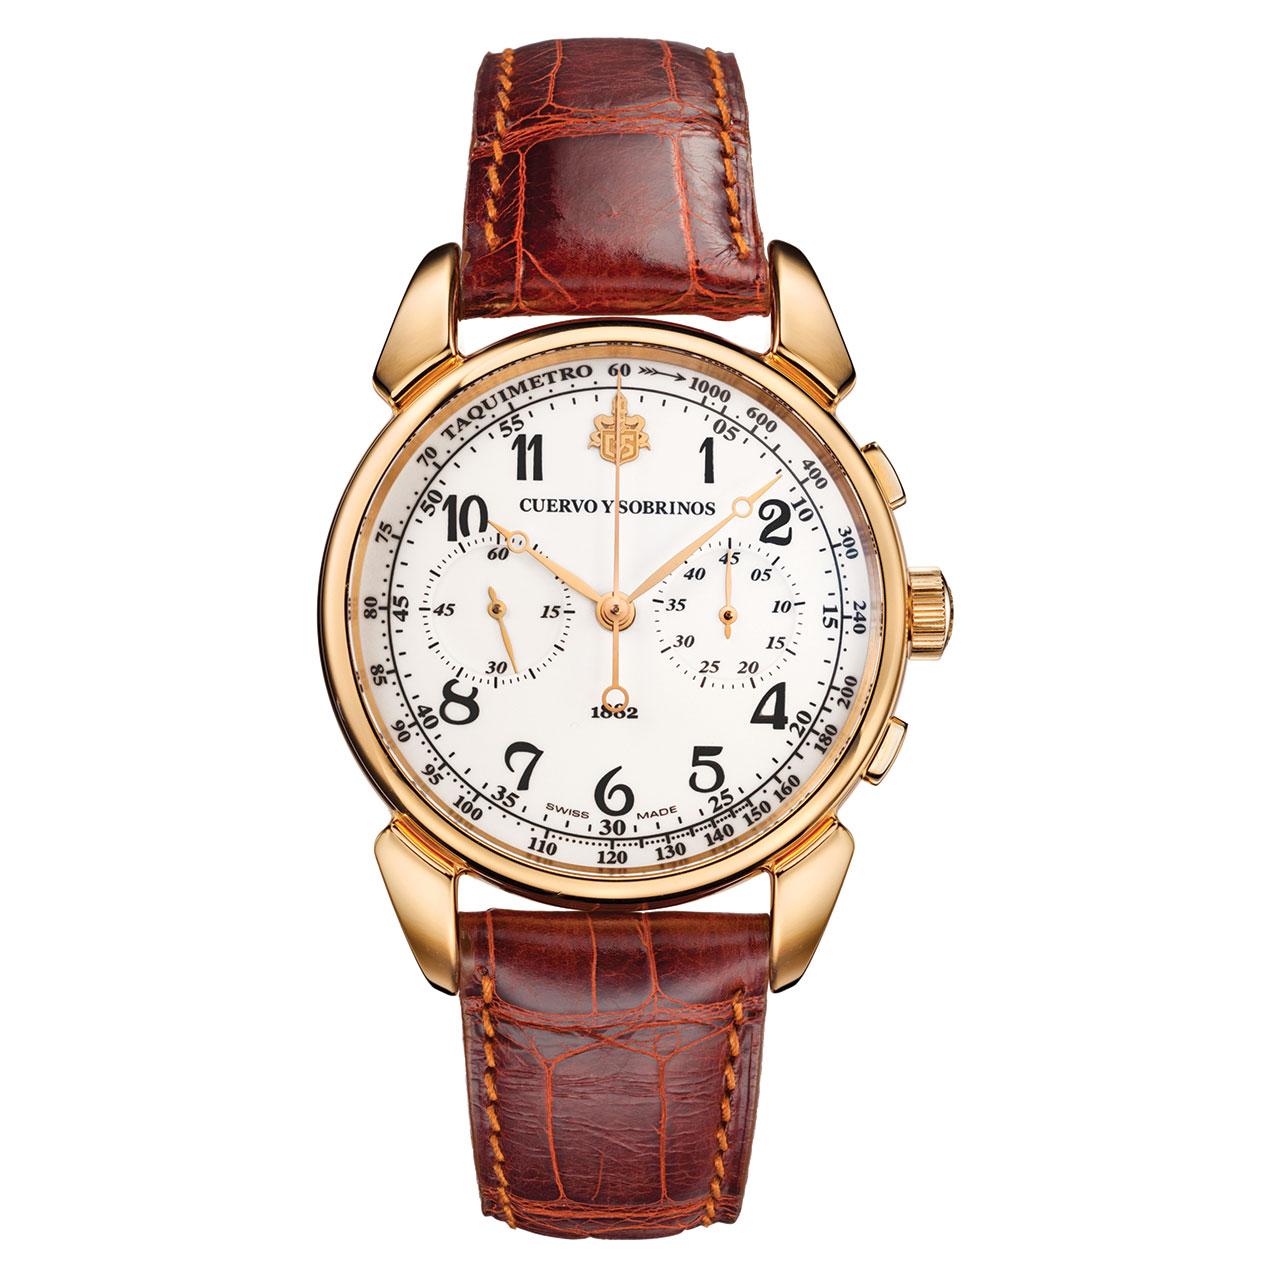 Cuervo y Sobrinos Historiador Cronógrafo Landeron Limited Edition Hand-wound Watch